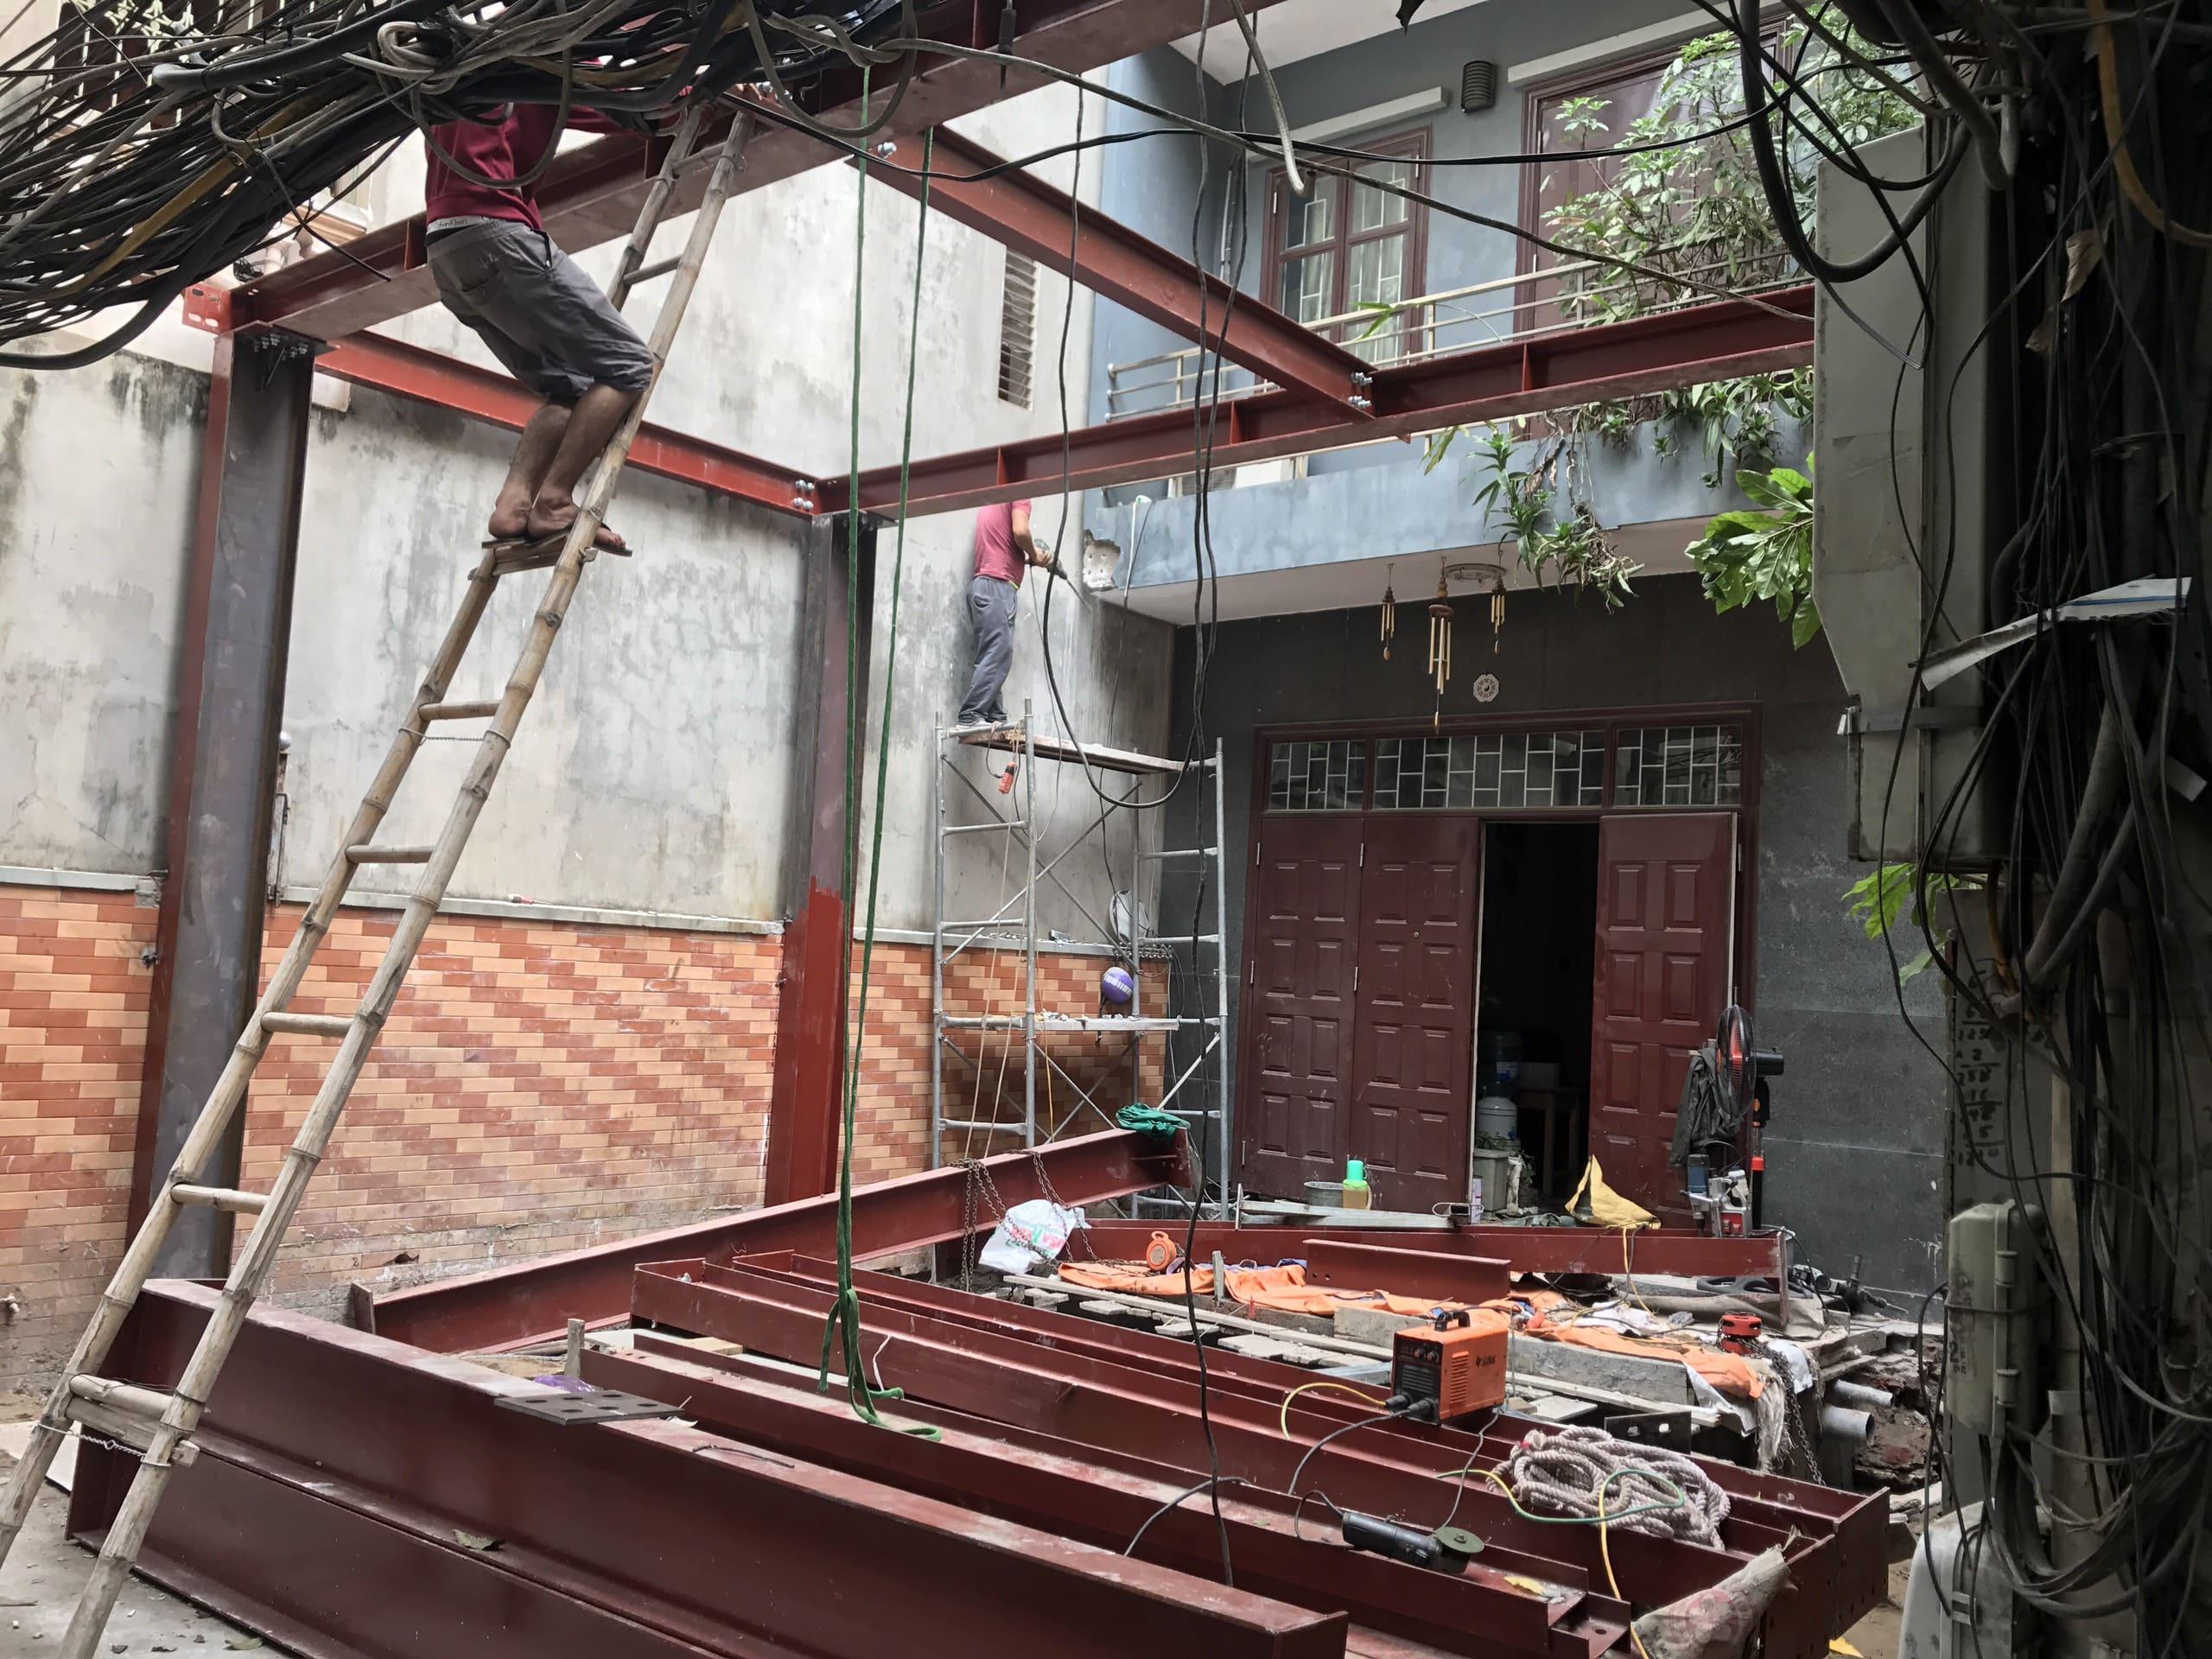 Phong cách thiết kế thi công nâng tầng nhà phố bằng khung cột thép hình